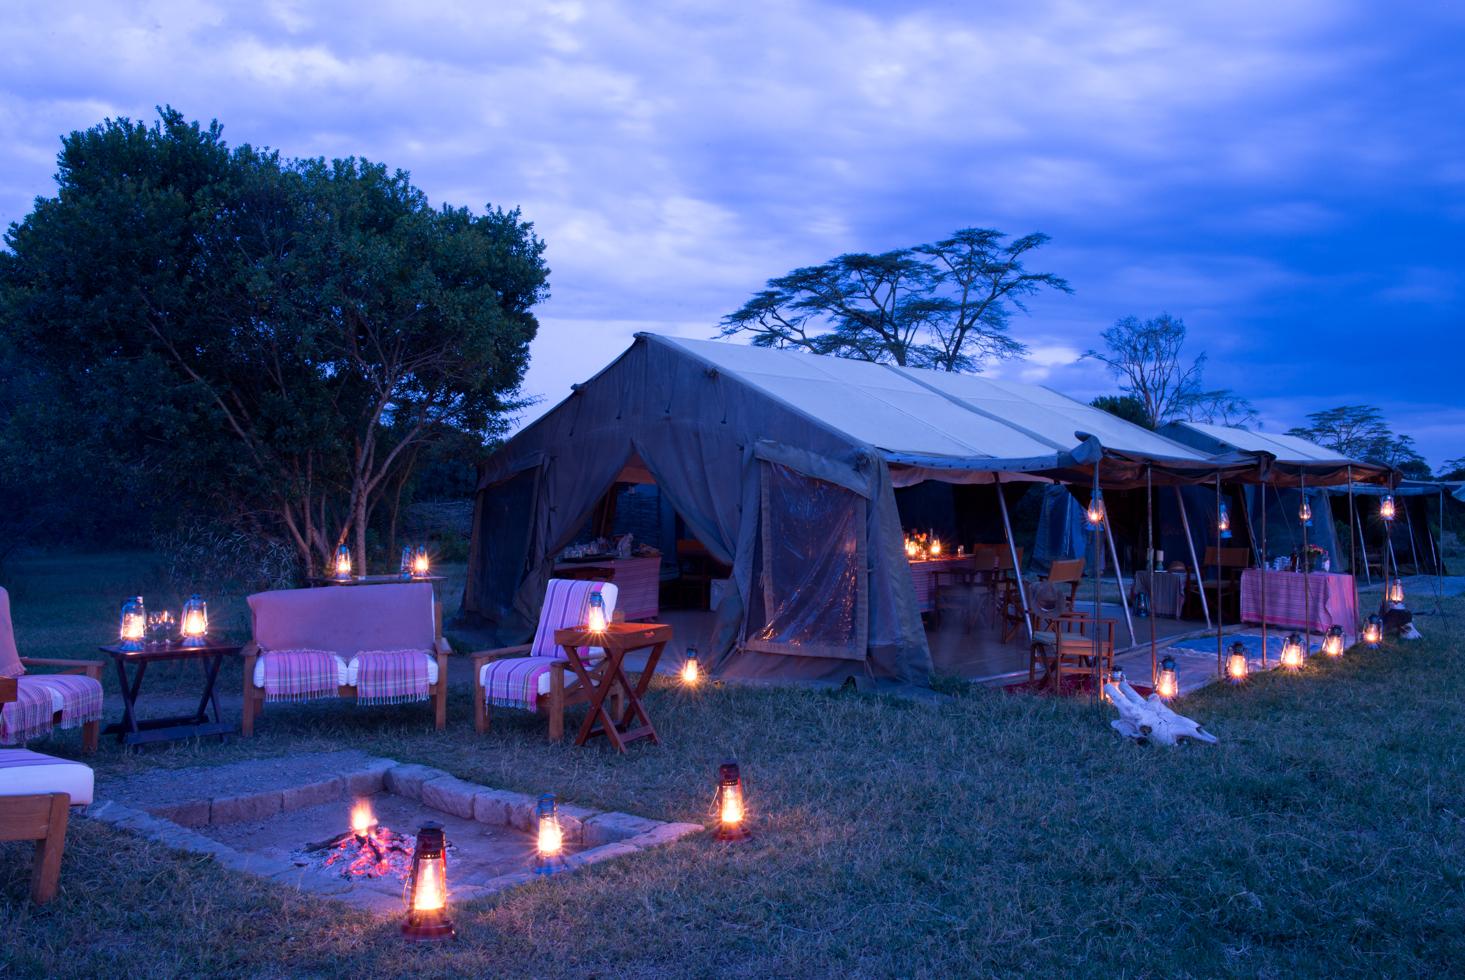 OlPejeta-mess-tent-exterior-1-Kenya-Safari